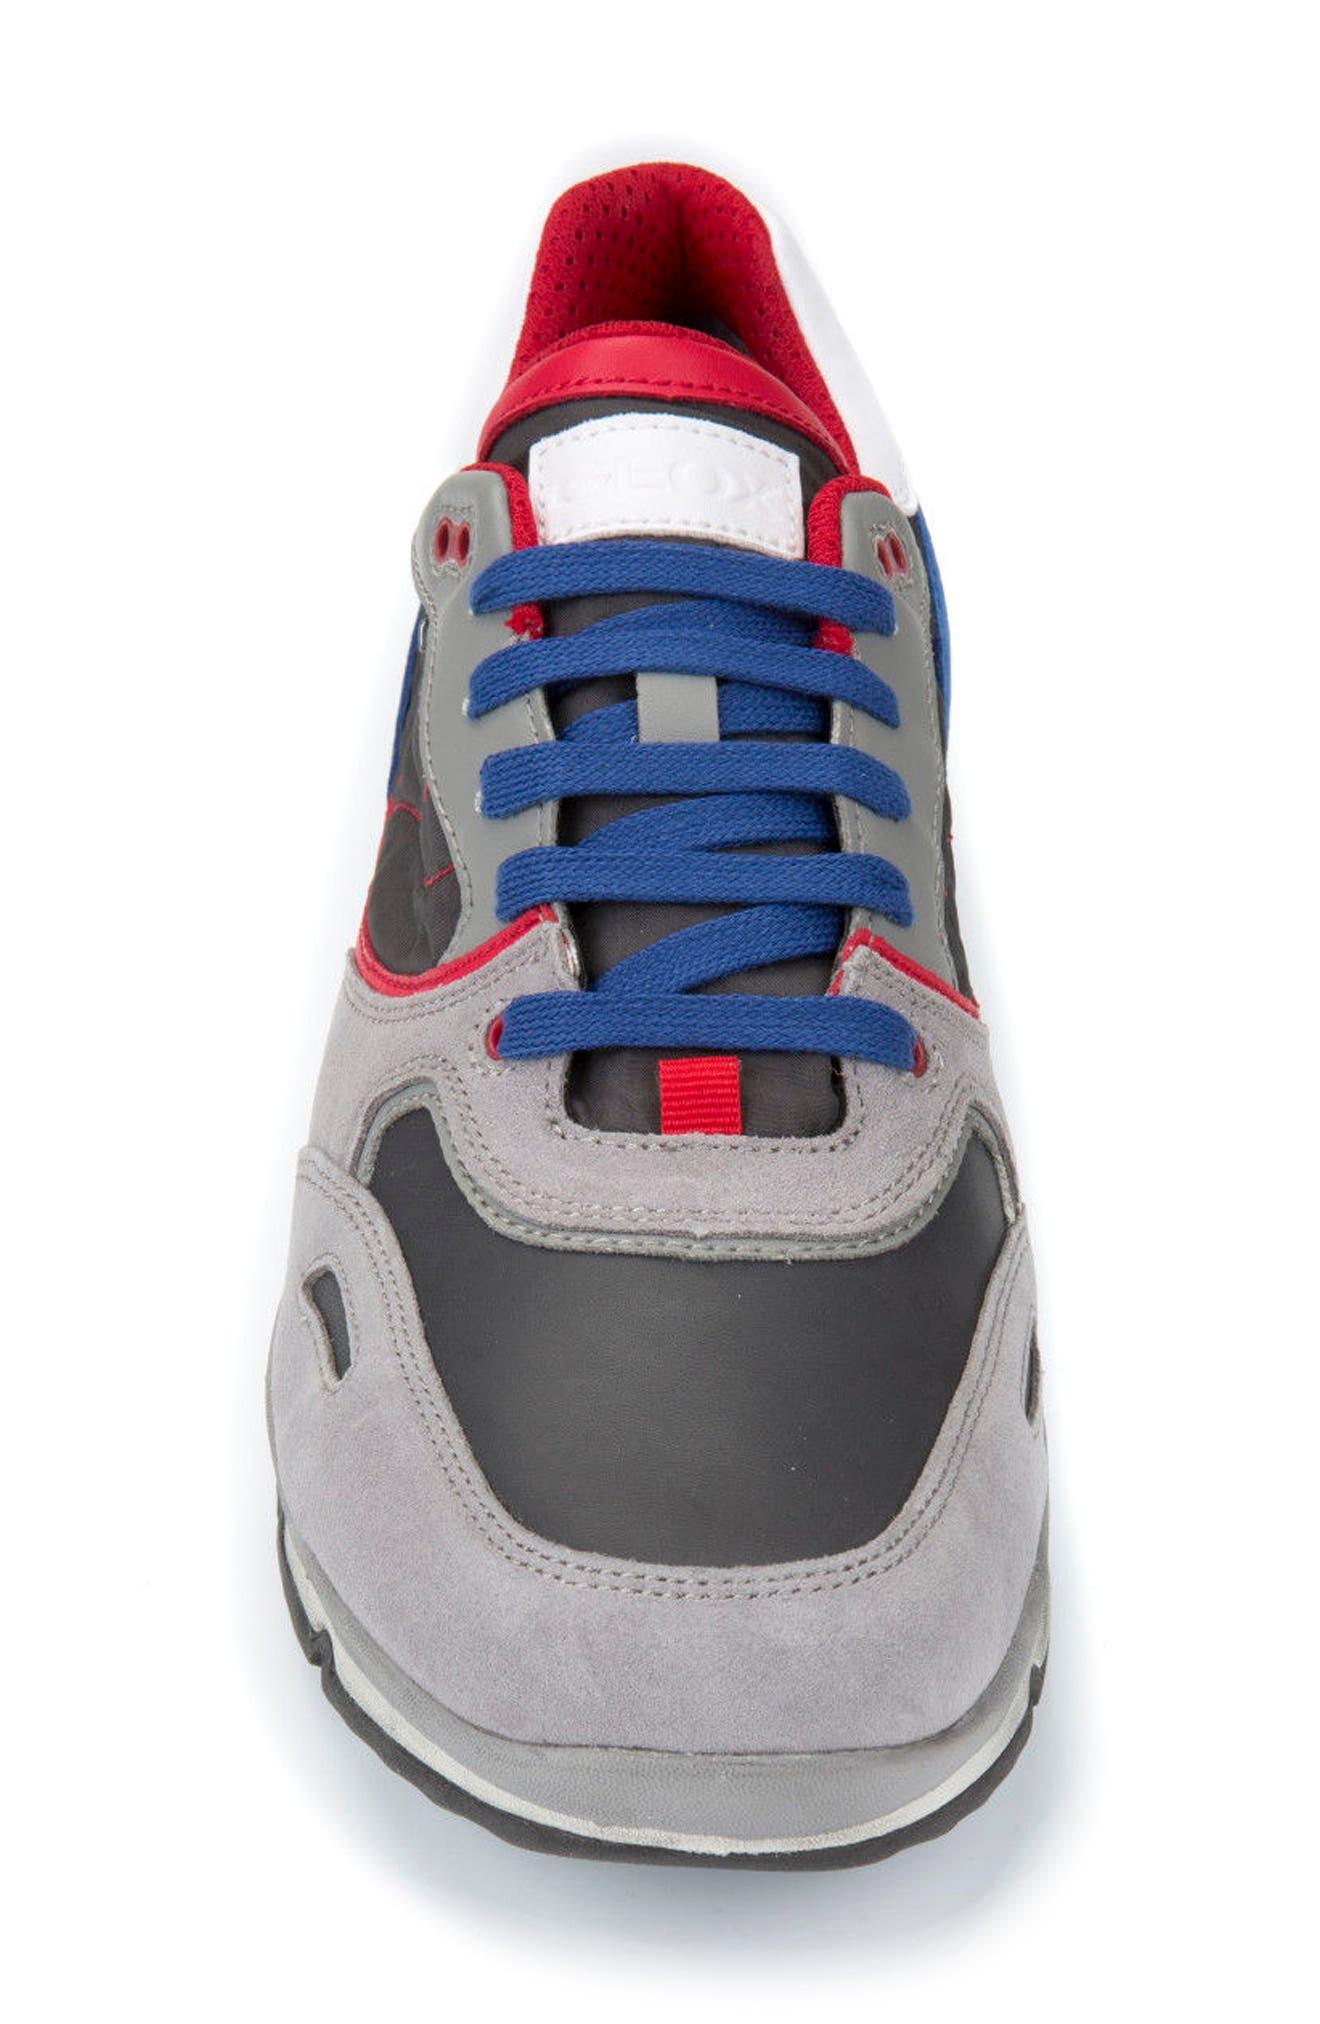 Alternate Image 4  - Geox Sandro ABX Ambphibiox Waterproof Sneaker (Men)